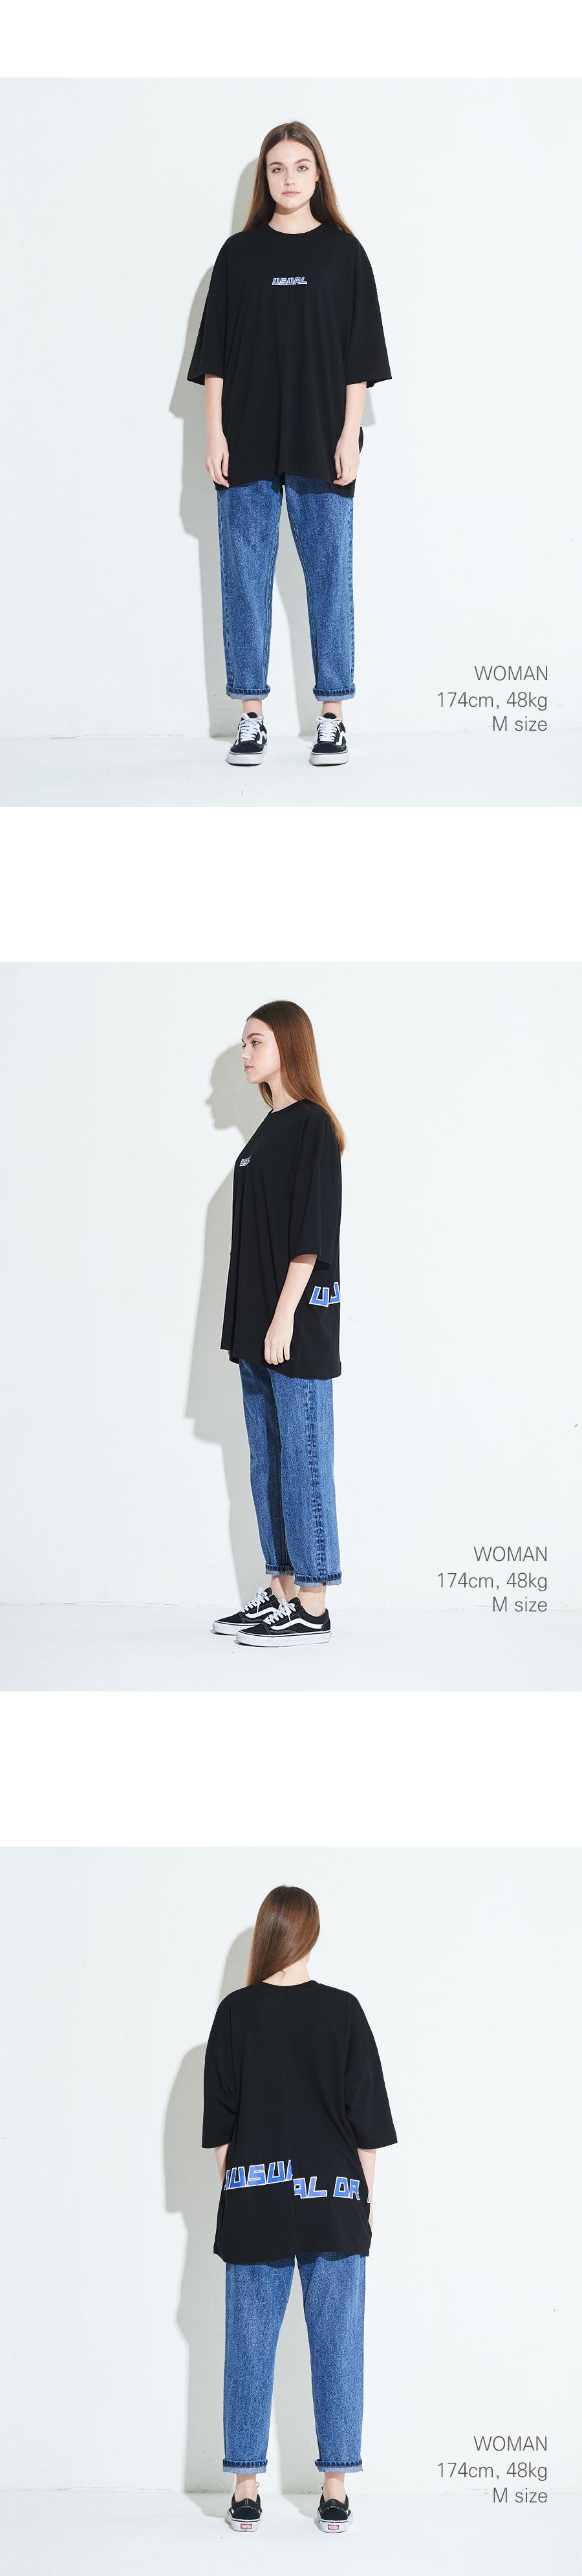 xtt001_bk_woman_1.jpg